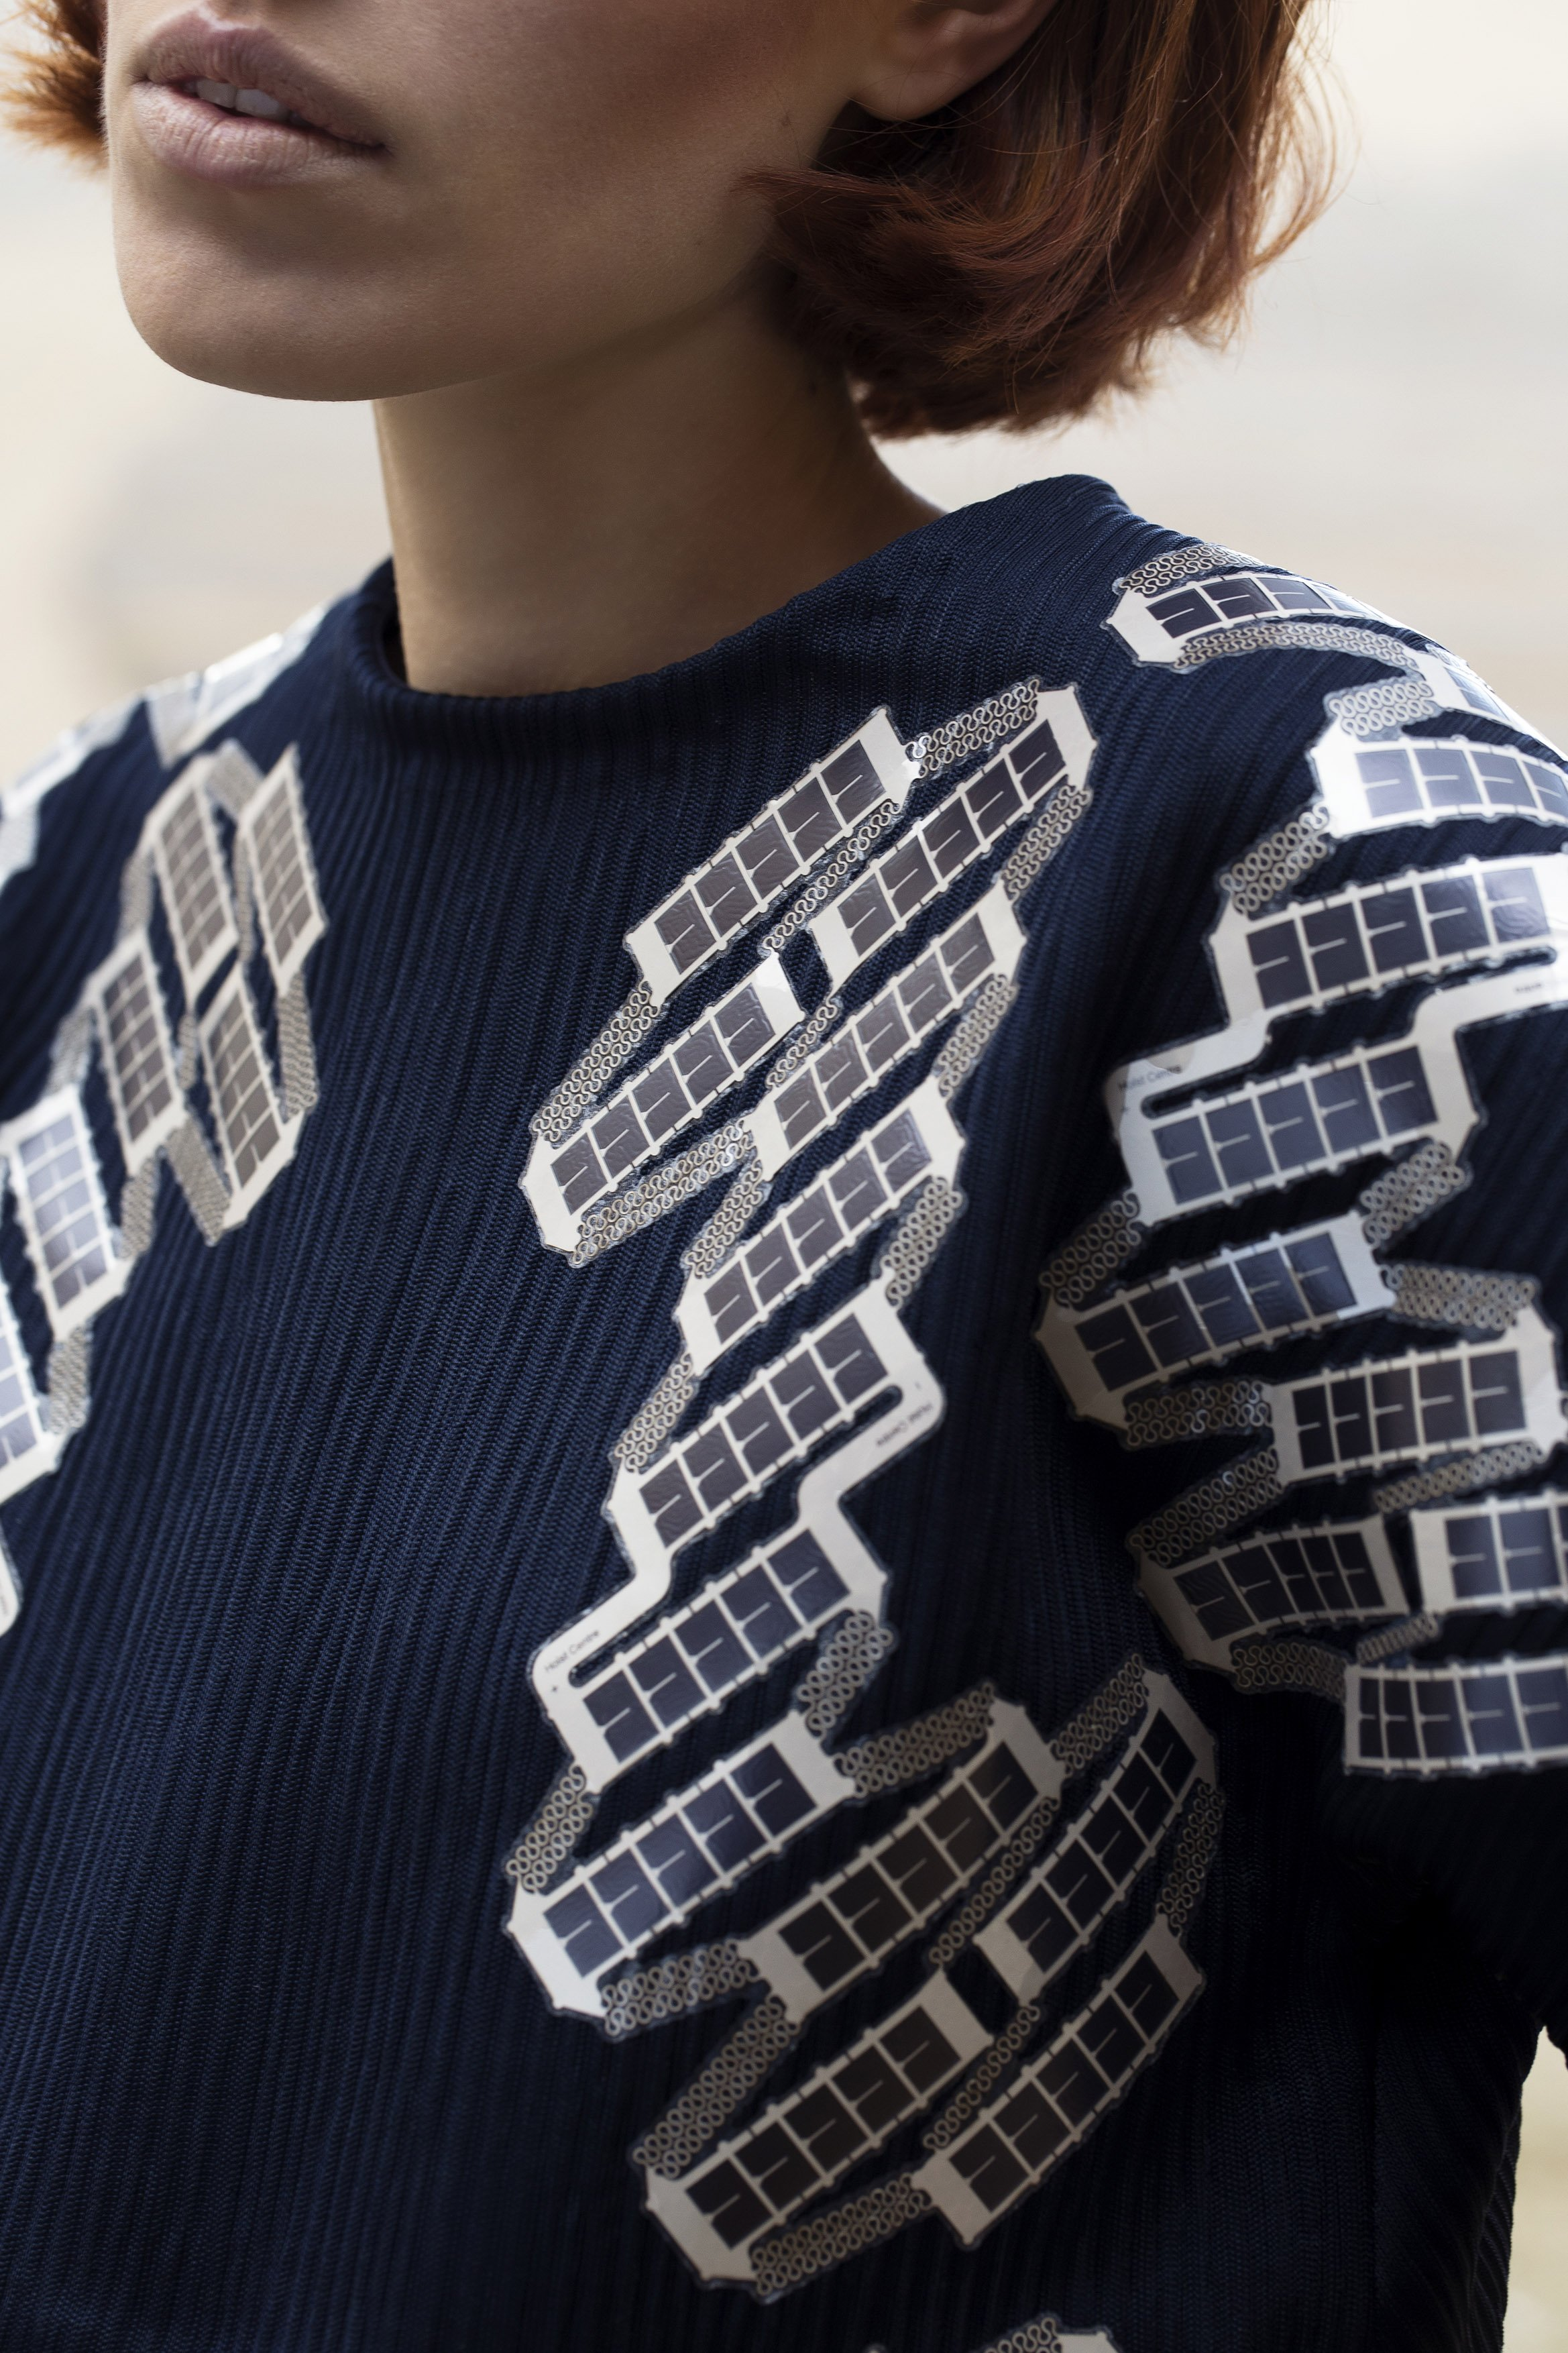 120 Solarfolien sind in das Shirt eingebettet und können über einen USB-Anschluss Strom an Geräte wie Navis, MP3-Player und Smartphones abgeben.